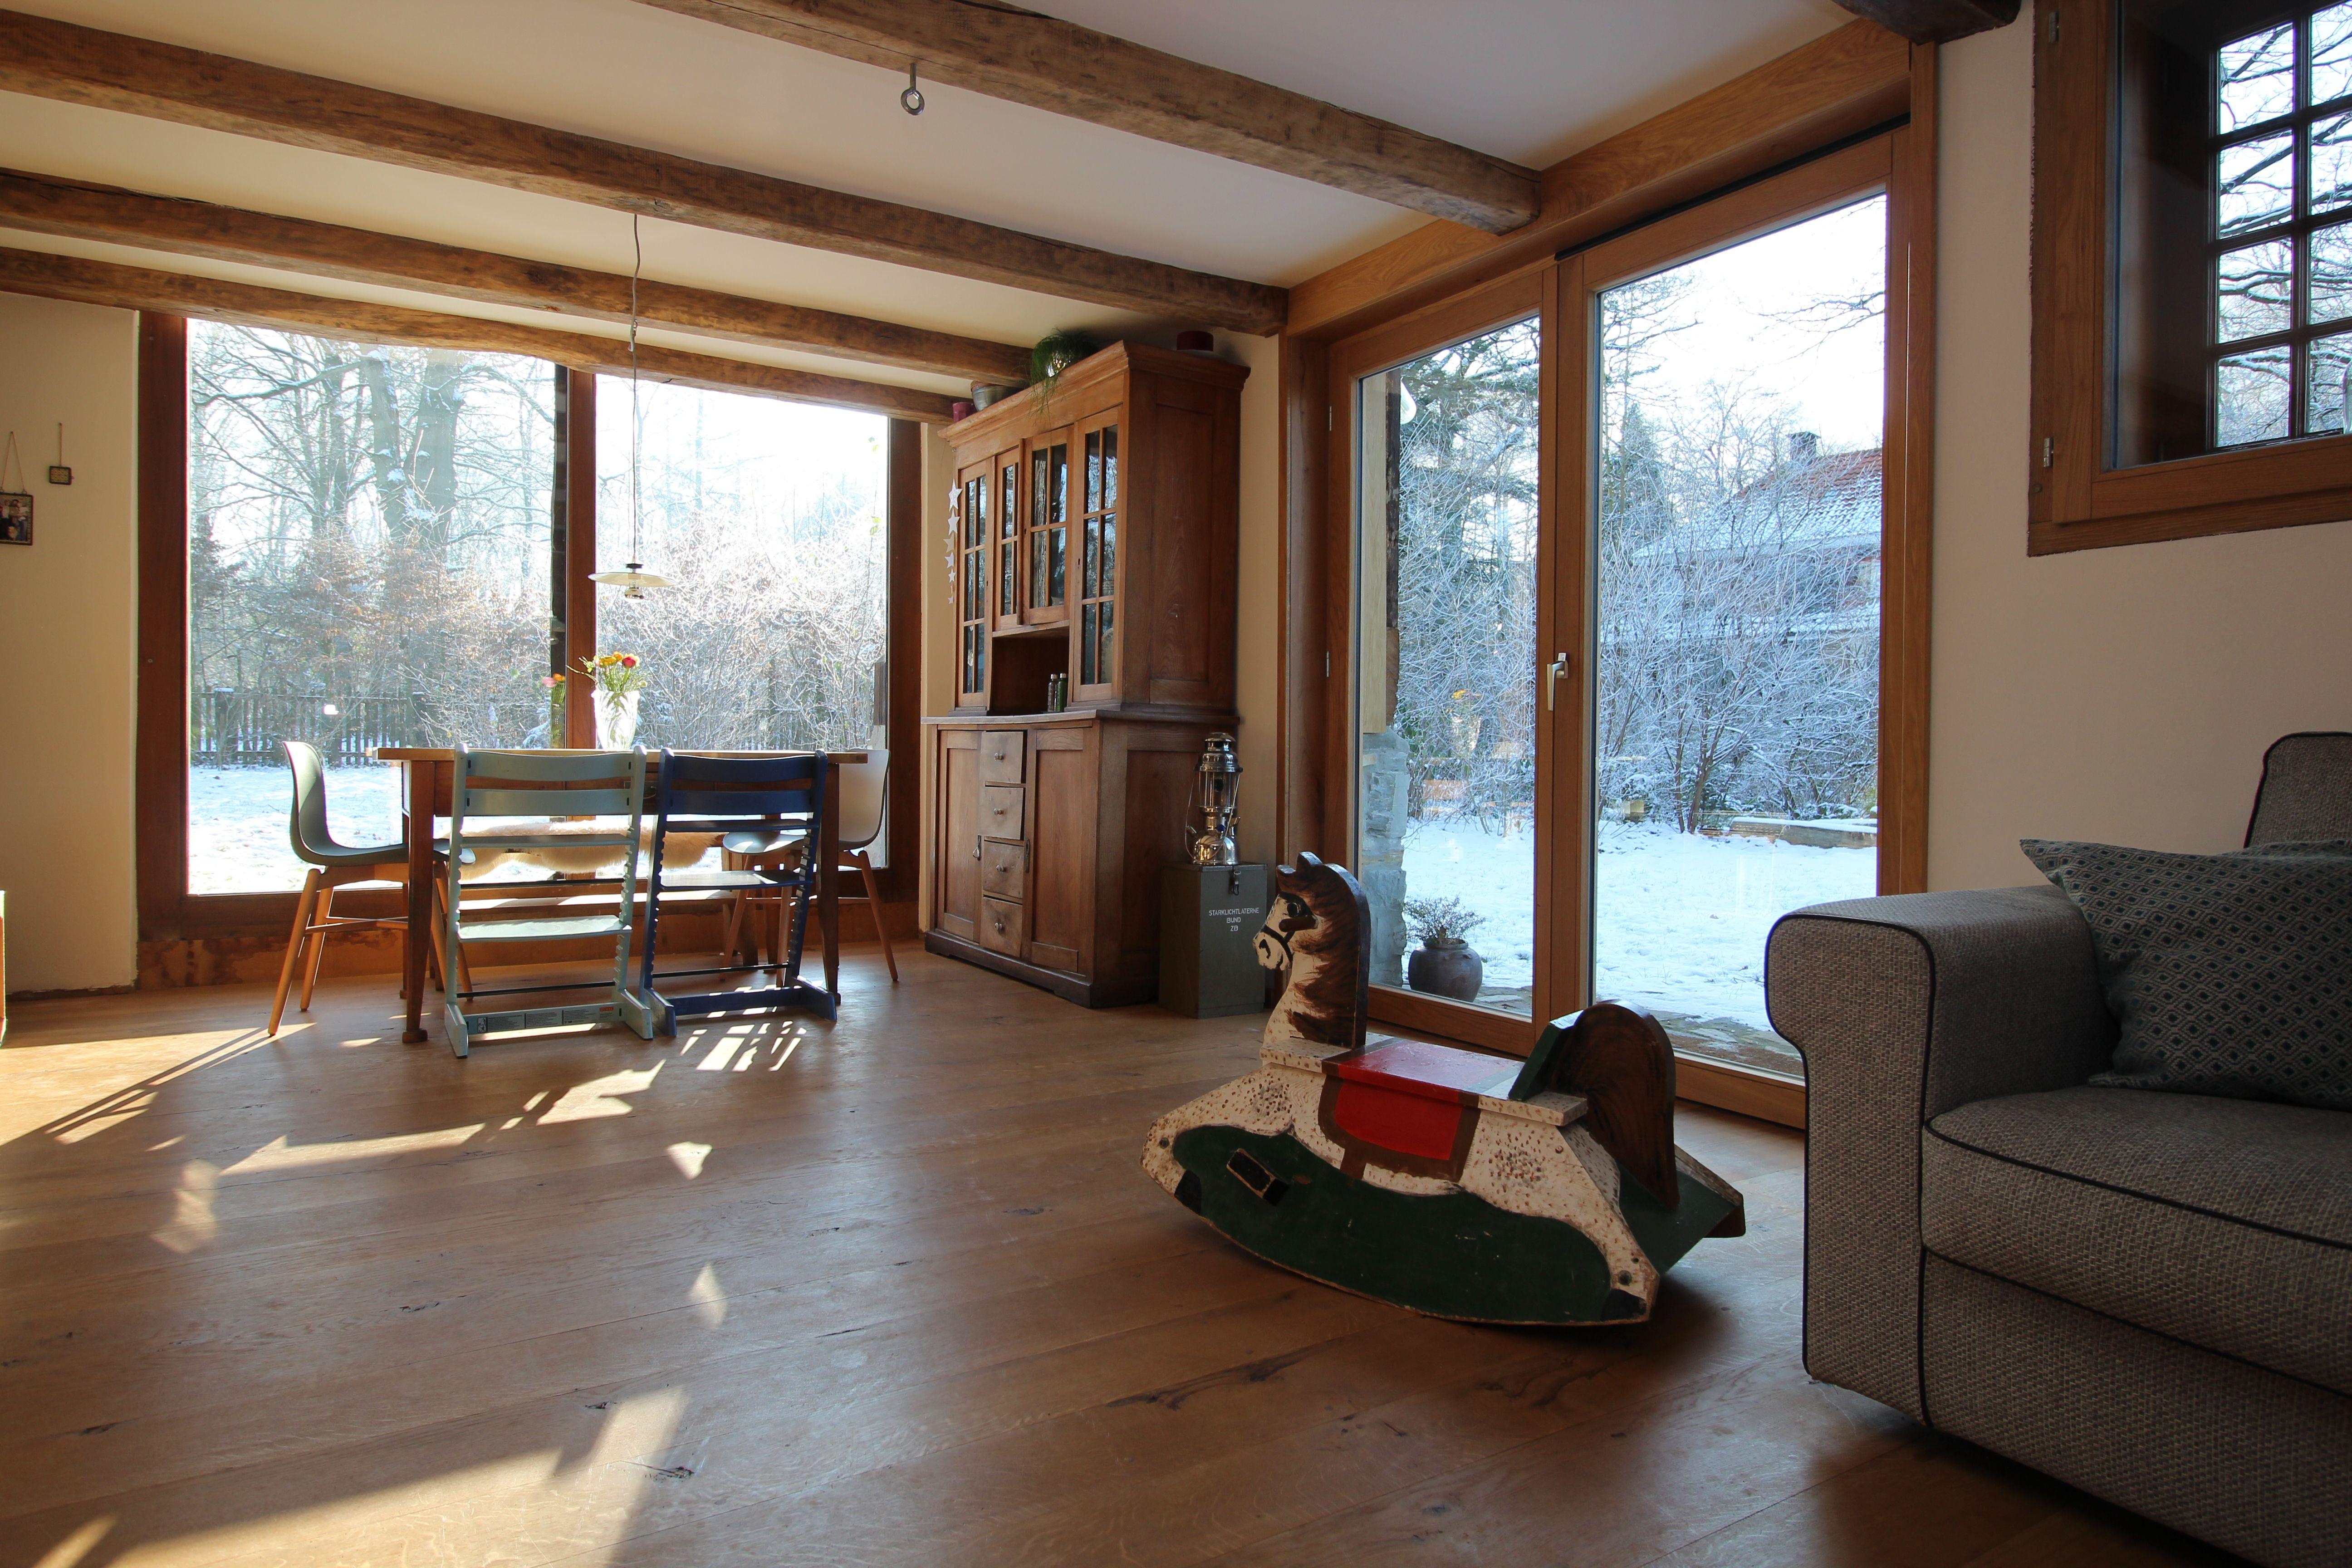 Wohnen Auf Dem Land Ausblick Auf Den Winterlichen Garten Winter Weihnachten Wohnzimmer Stube Fachwerk Balken Schaukelpferd Sche Haus Wohnen Haus Deko